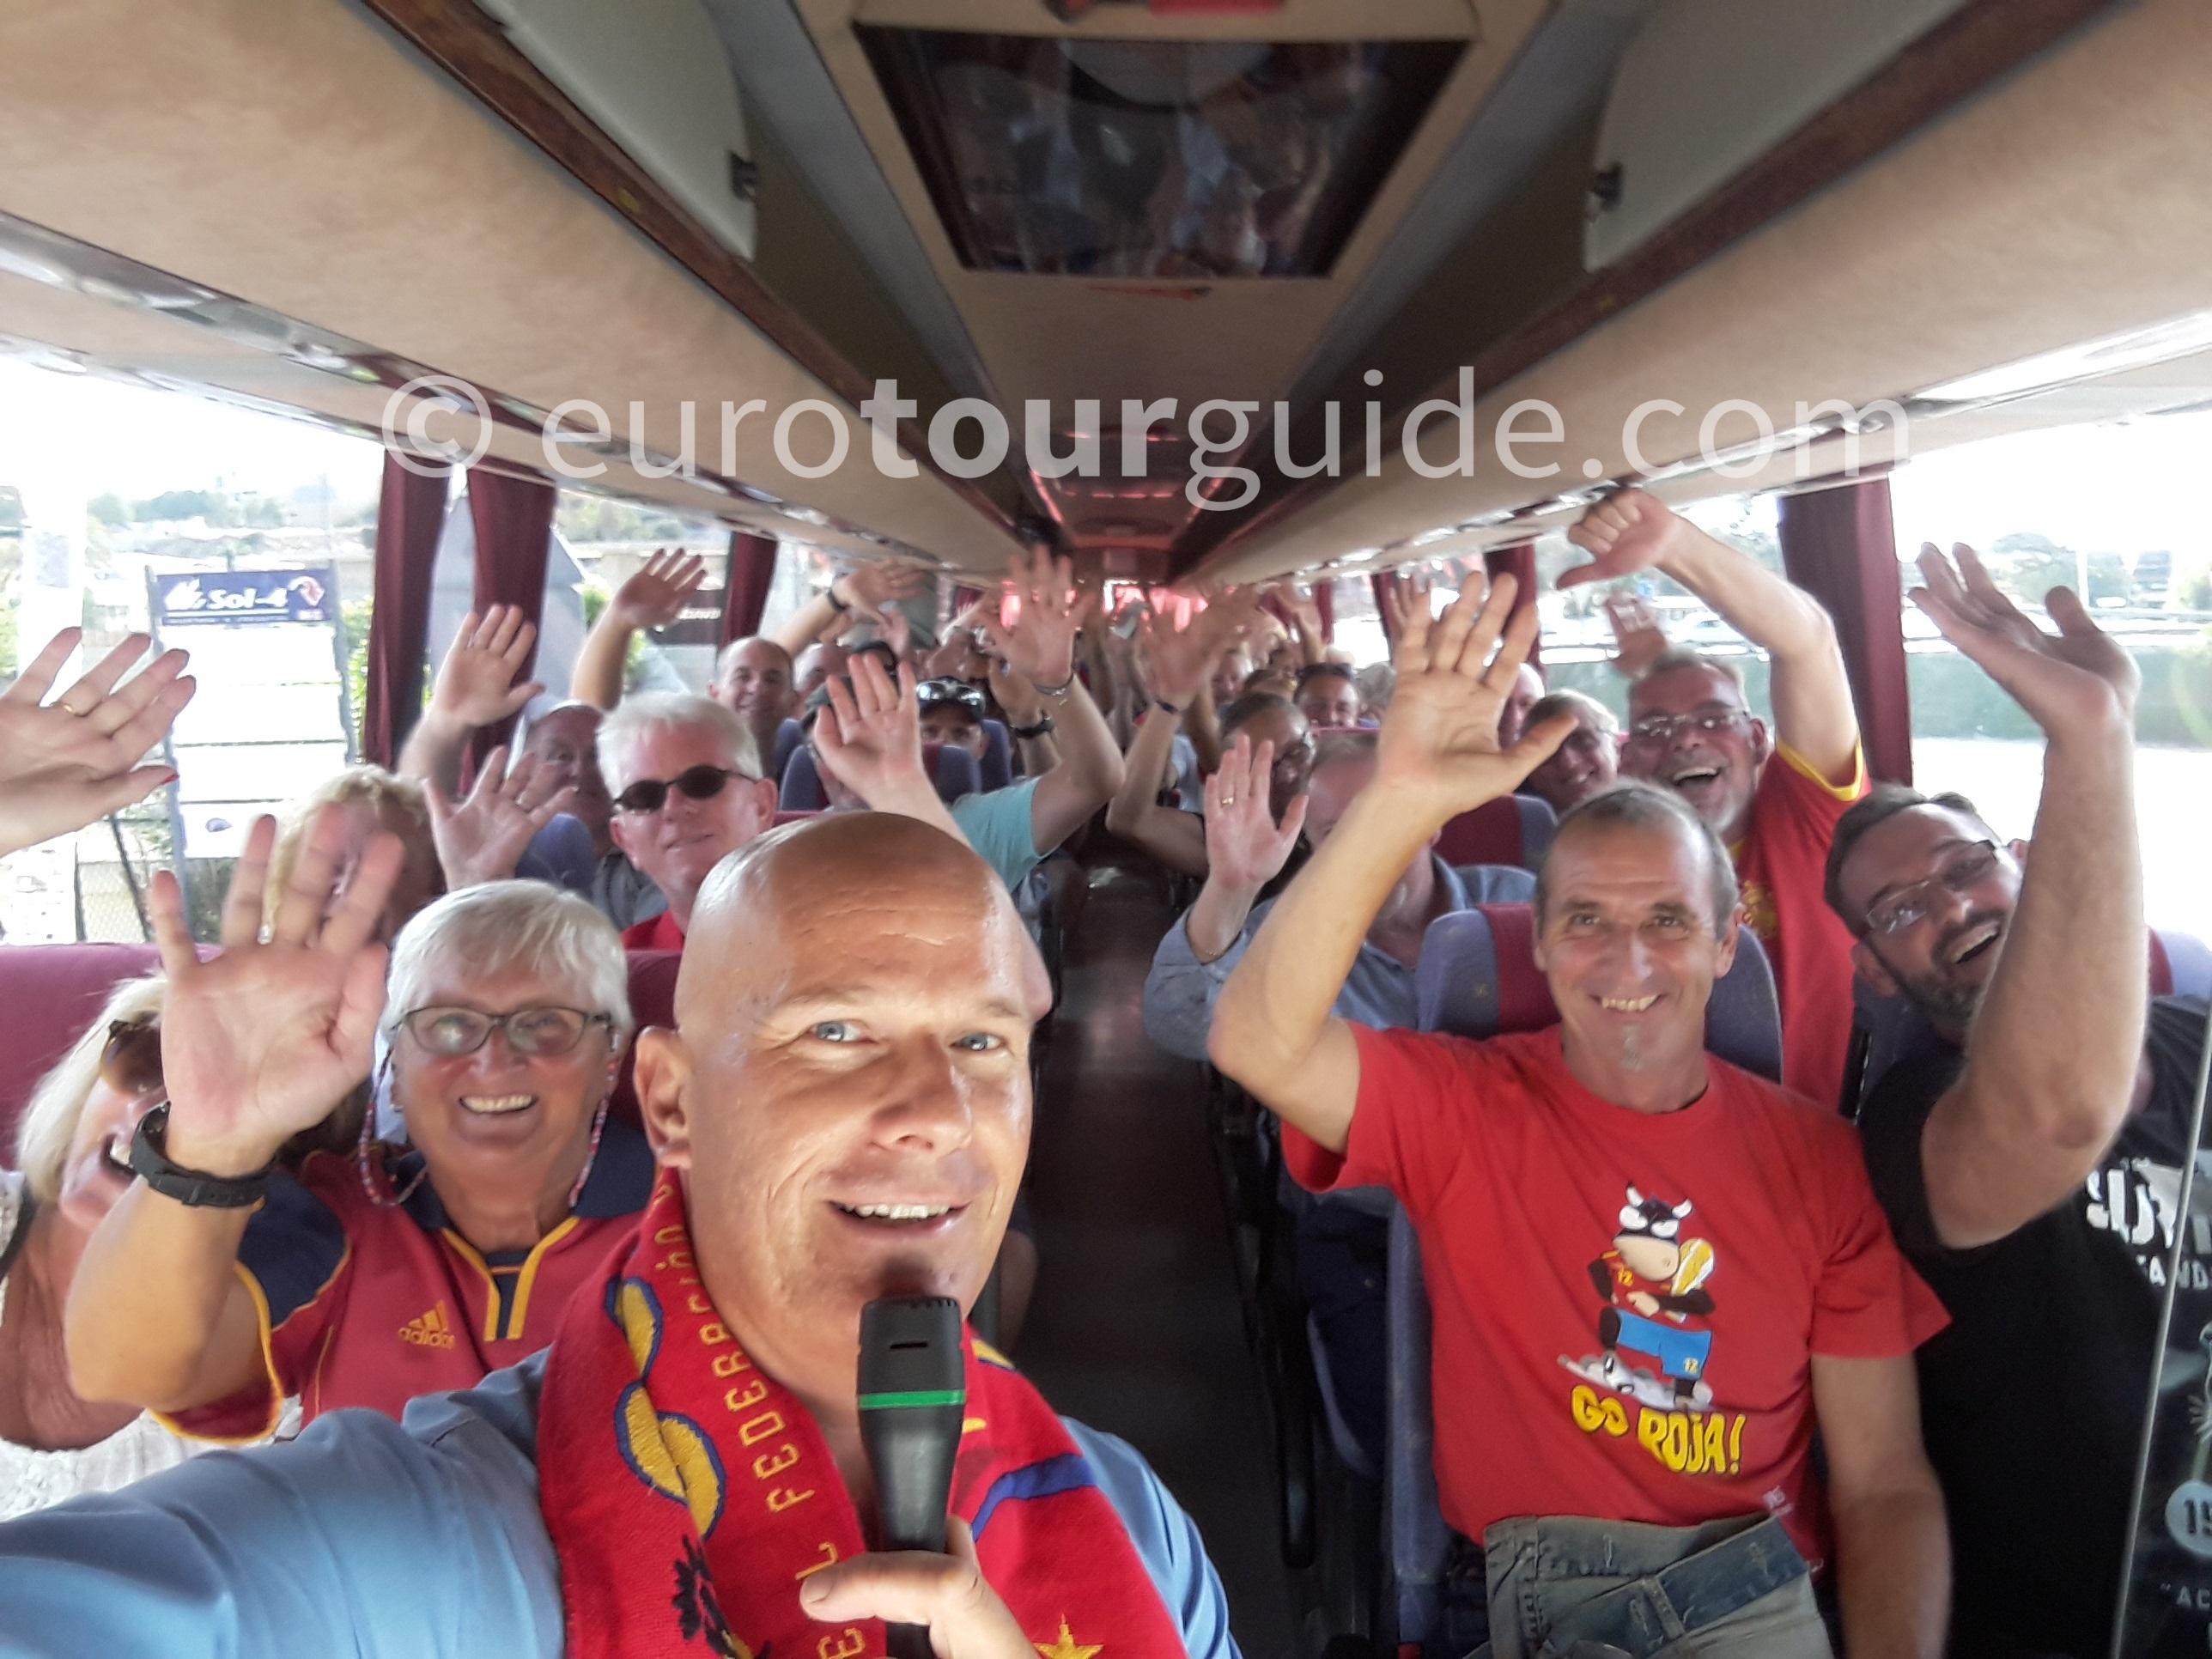 Coach Tours with www.euoroutguide.com